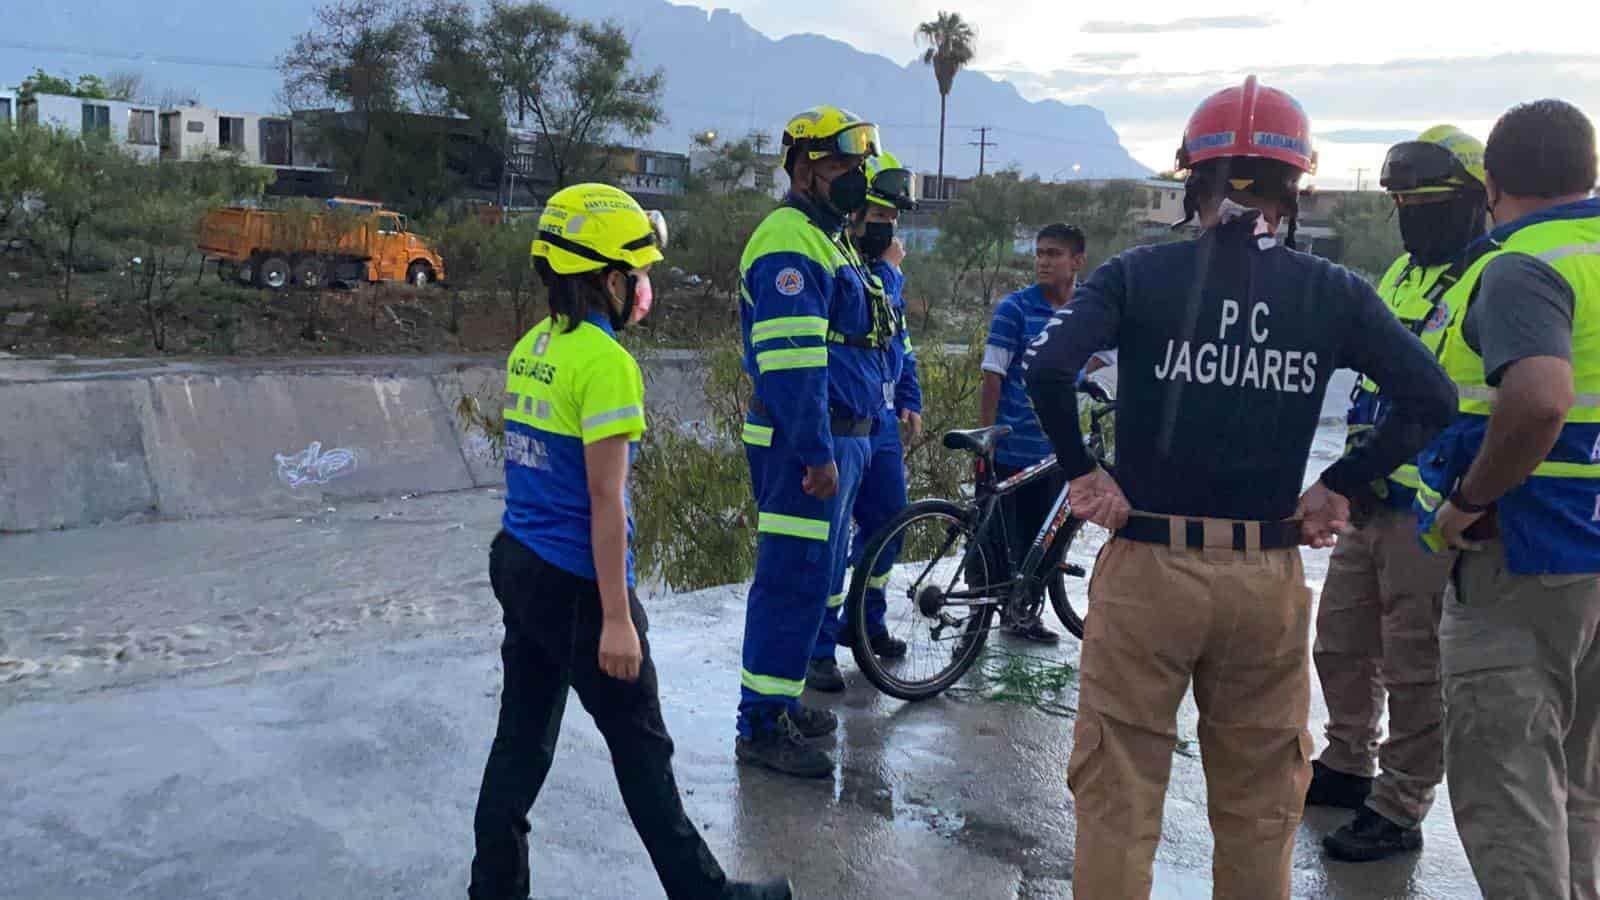 El ciclista fue rescatado por elementos del grupo Jaguares al ser arrastrado por la corriente